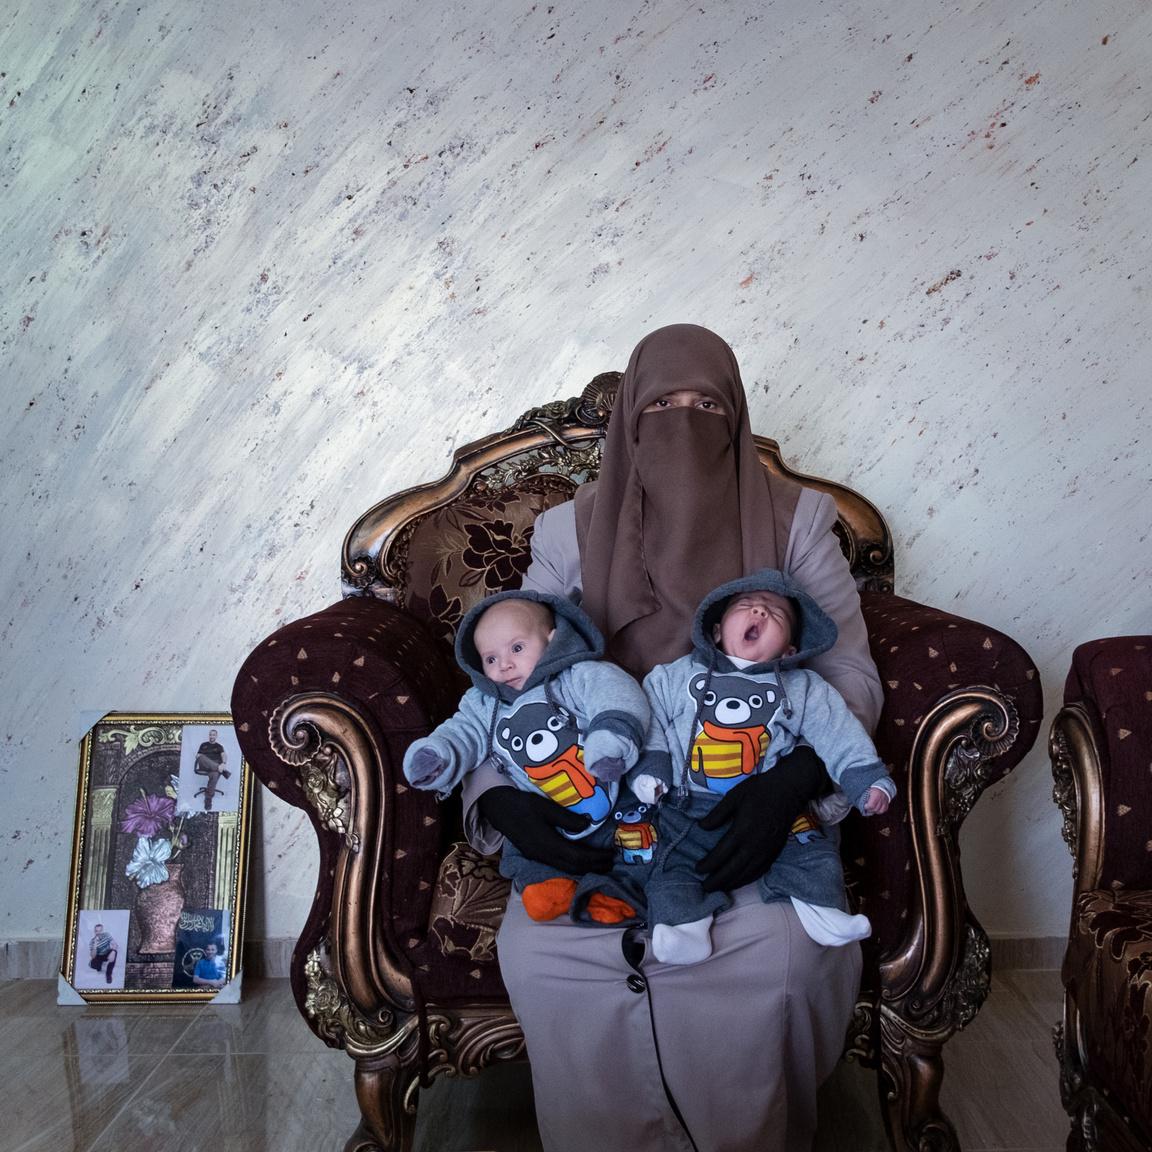 Amma Elian férjét életfogytig tartó börtönre ítélték 2003-ban. Antonio Faccilongo fotóján mesterséges megtermékenyítés segítségével született ikreiket tartja Tulkarmban, Palesztinában.